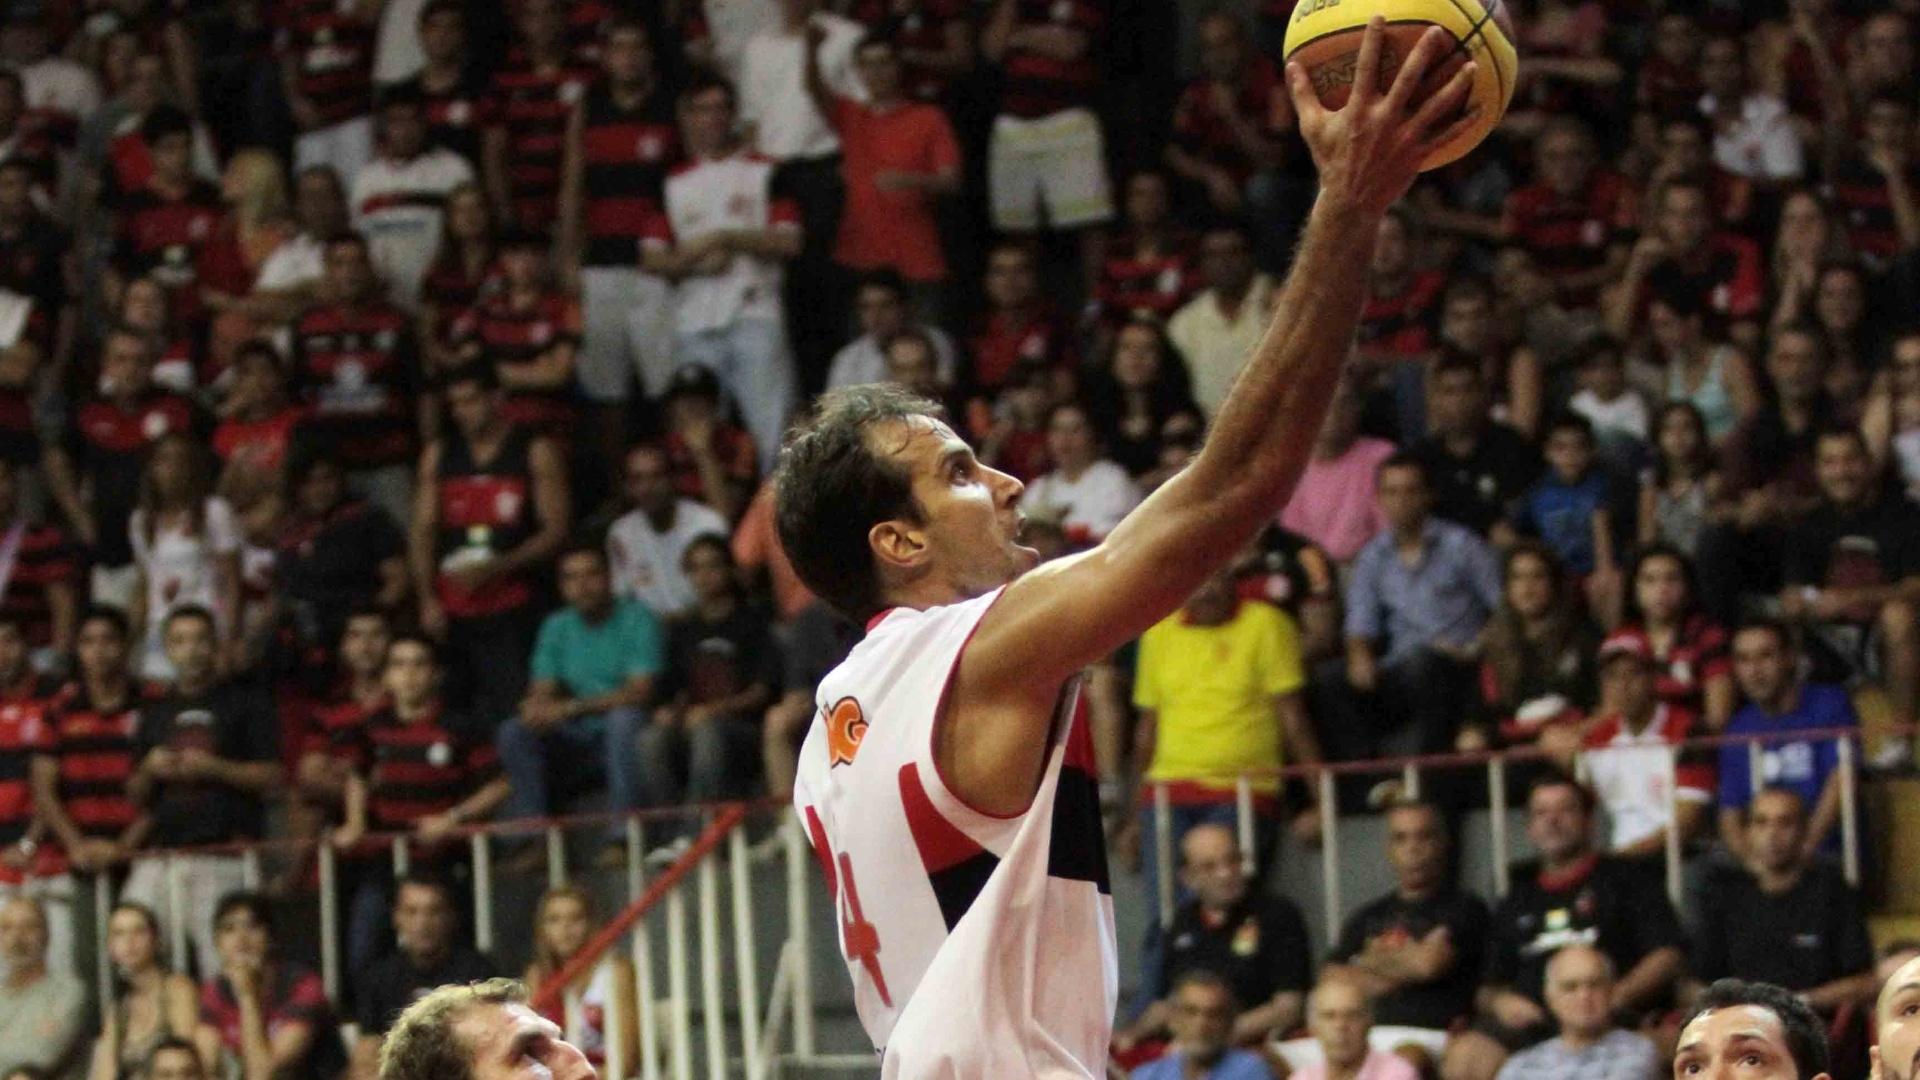 Marcelinho Machado sobe para tentar a cesta na quinta partida entre Flamengo e Uberlândia, no Rio de Janeiro